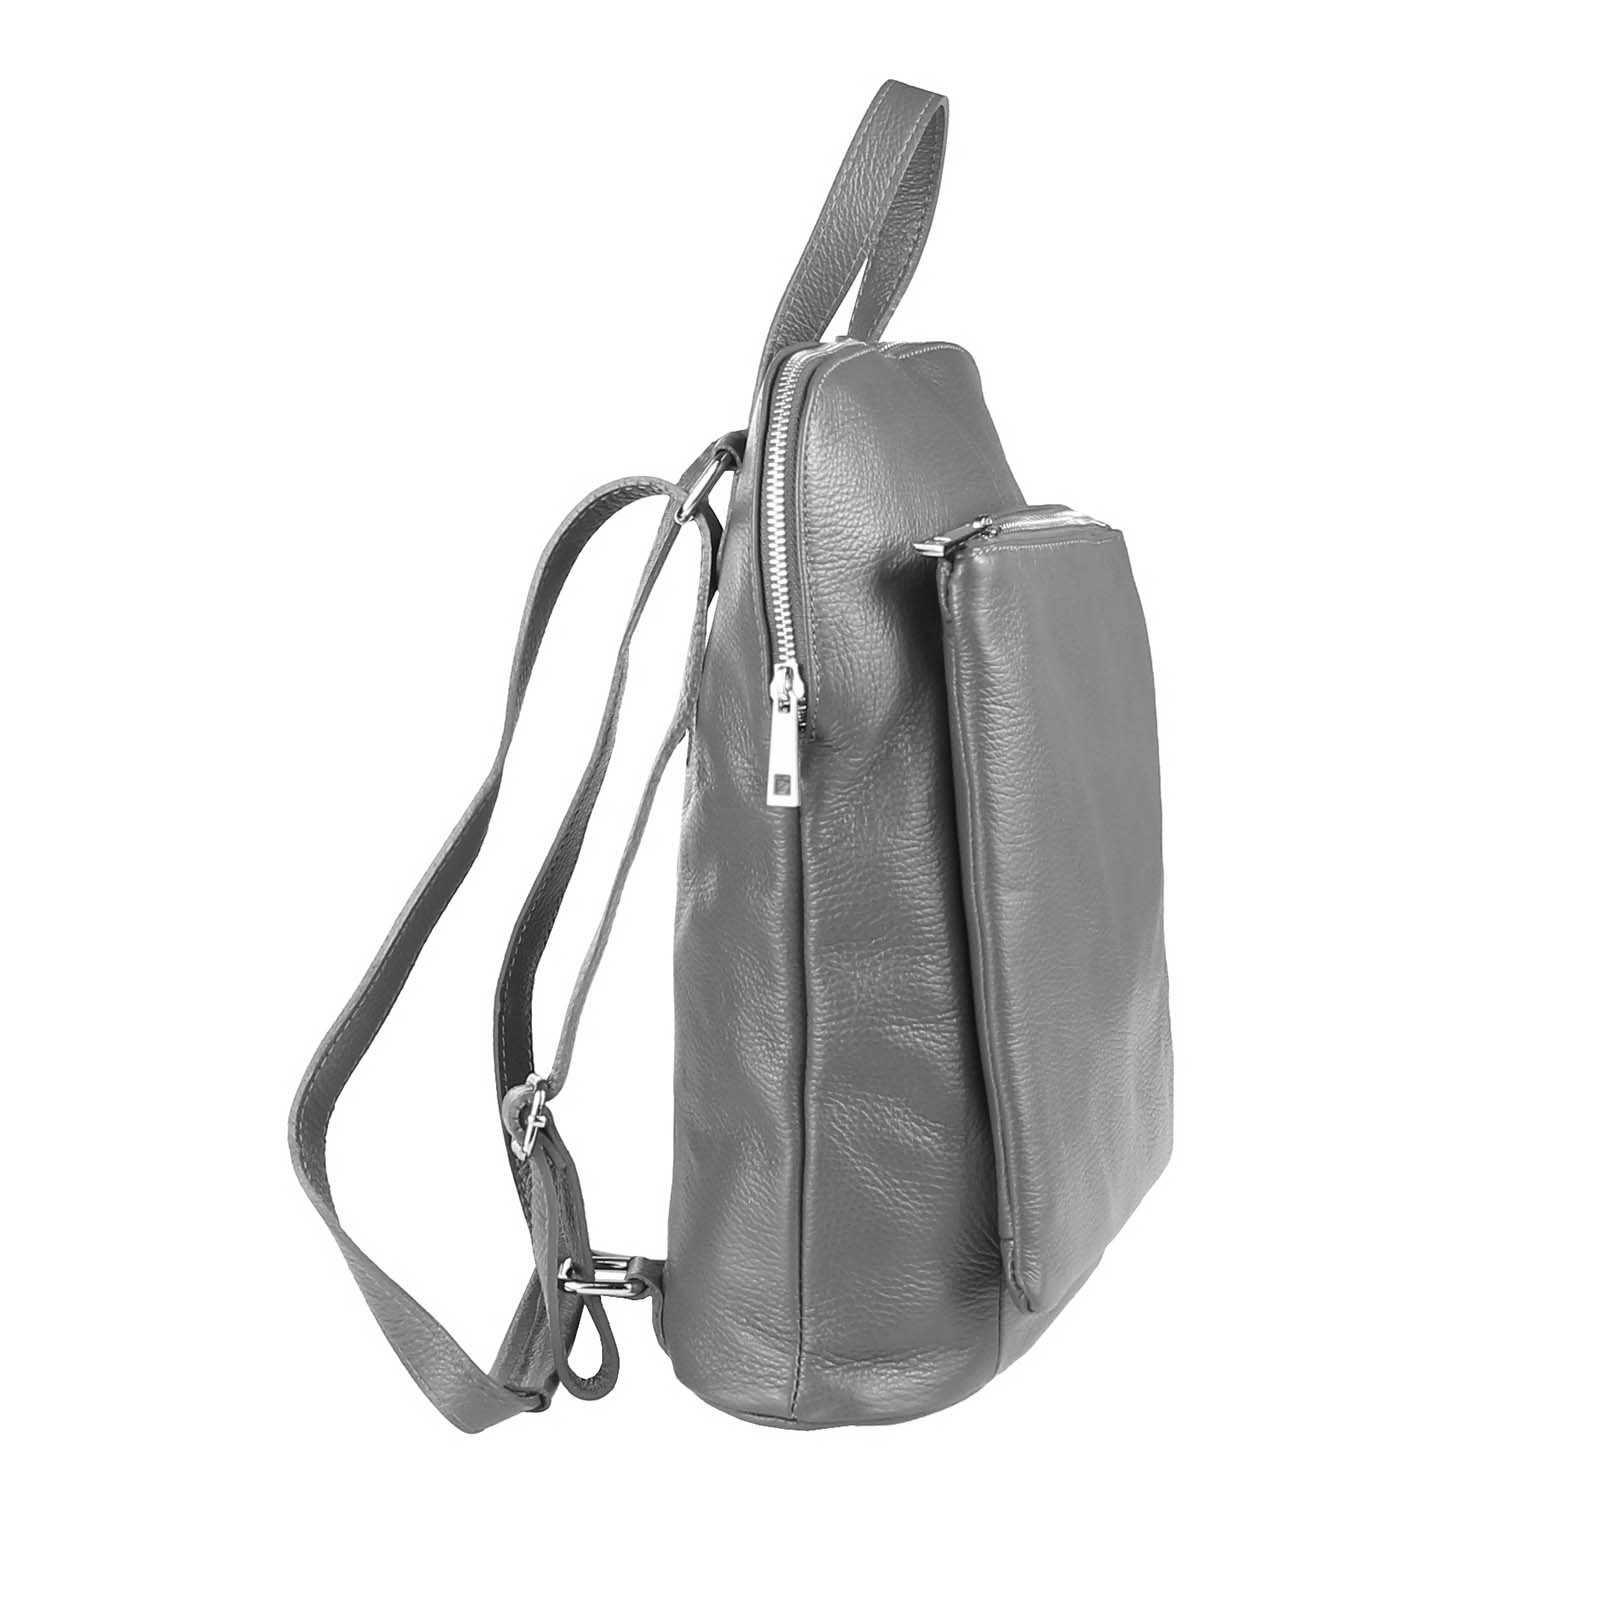 ITALy-DAMEN-LEDER-Reise-RUCKSACK-SchulterTasche-Shopper-Backpack-Ledertasche-BAG Indexbild 23